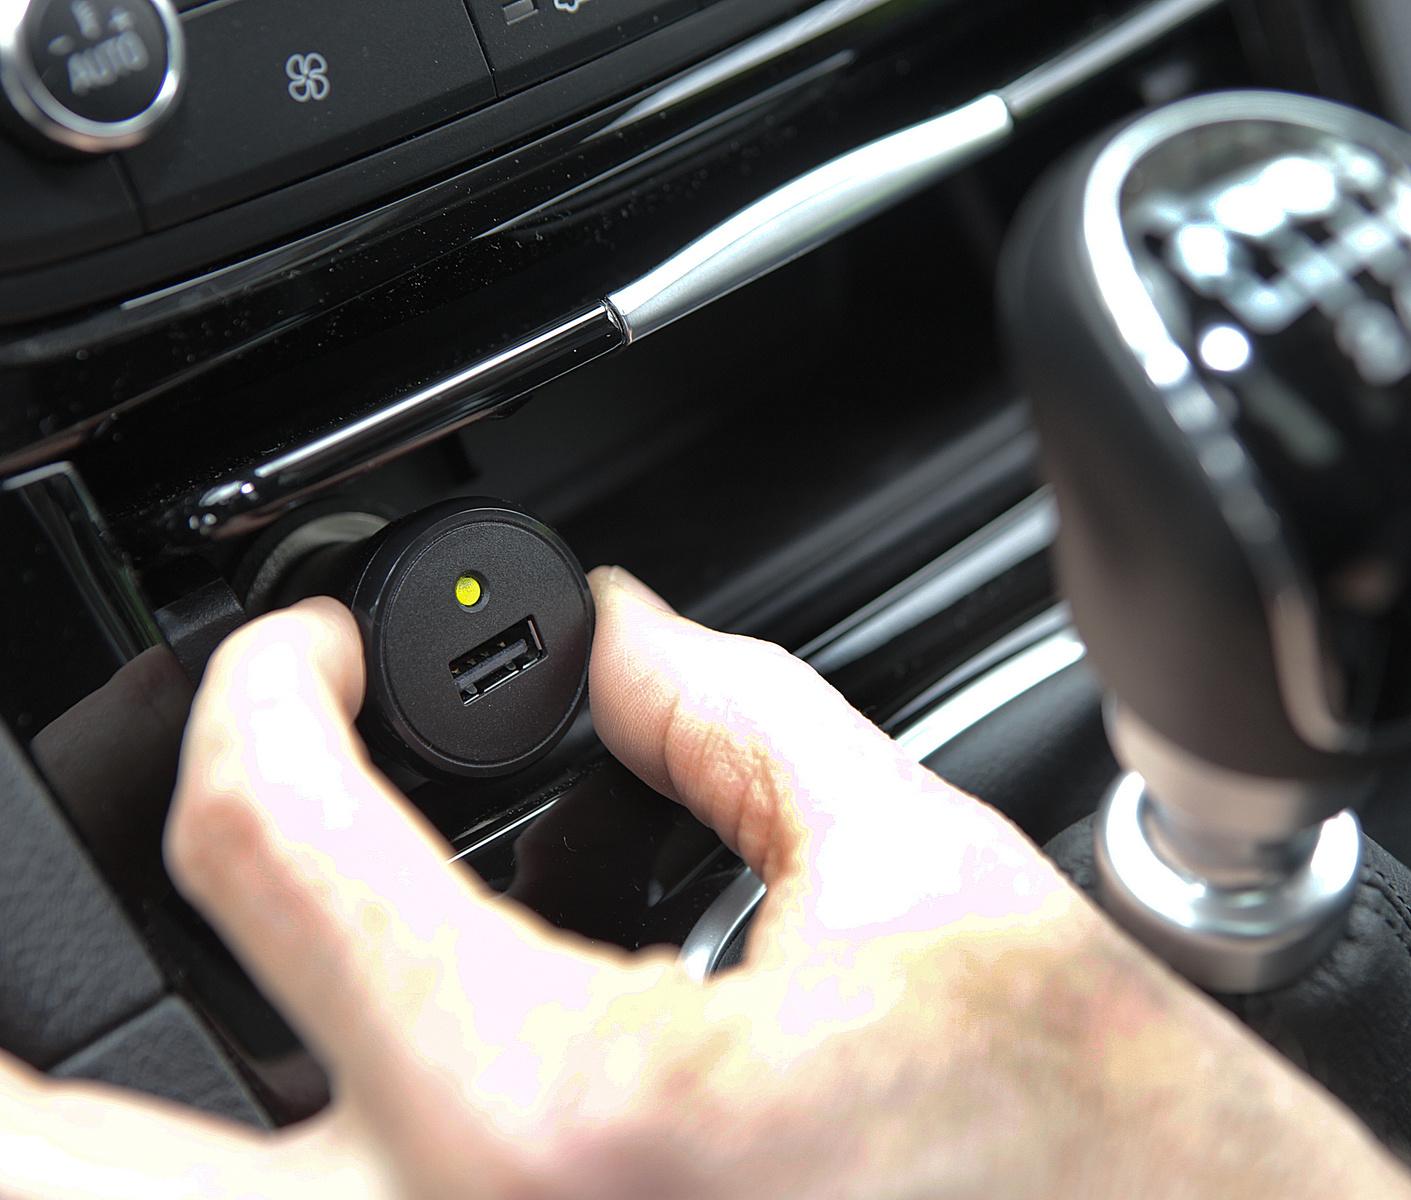 Schutzengel zum Nachrüsten: Bosch-Autoadapter mit Notrufservice eCall